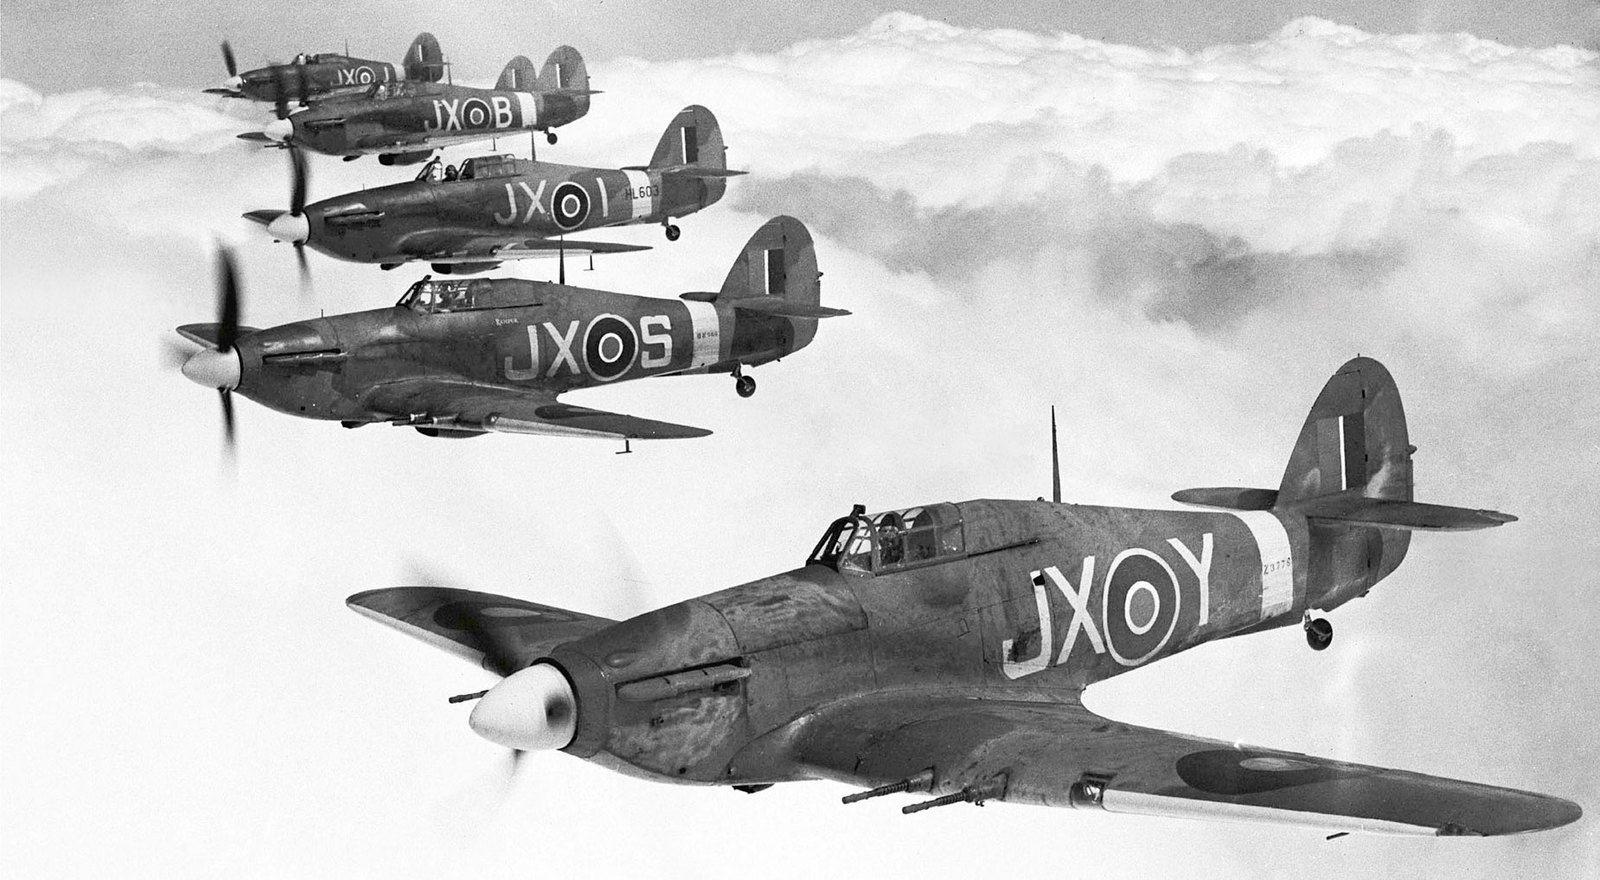 Lors d'une amicale rencontre au sujet de souvenirs de Vincent Hurricane et de ses kits de carrosserie pour TRIUMPH Spitfire